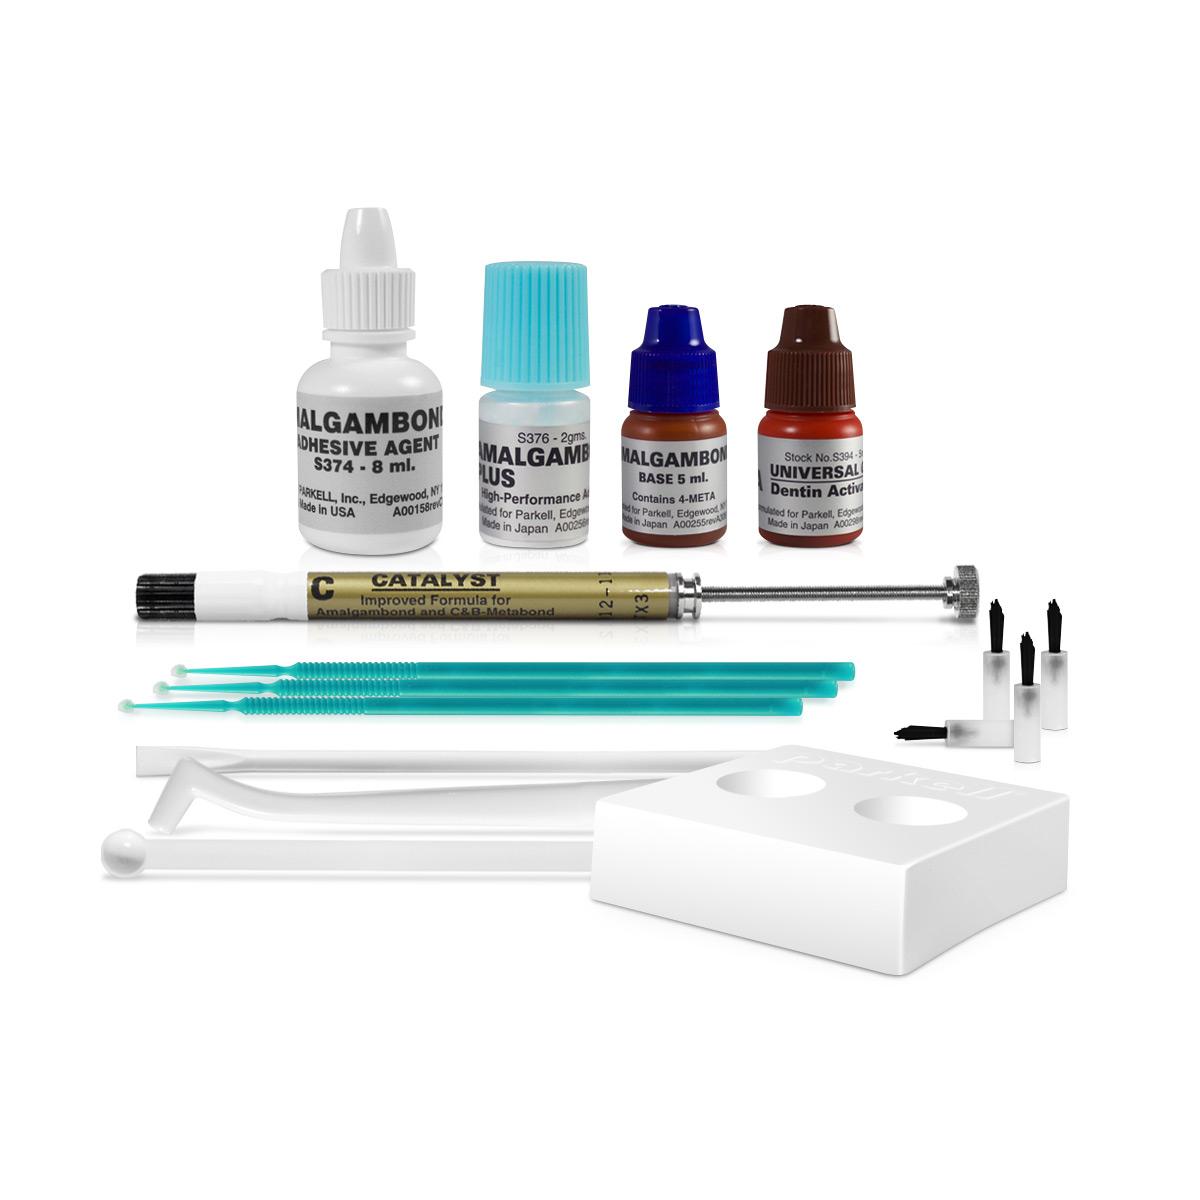 Amalgambond Plus Complete Kit